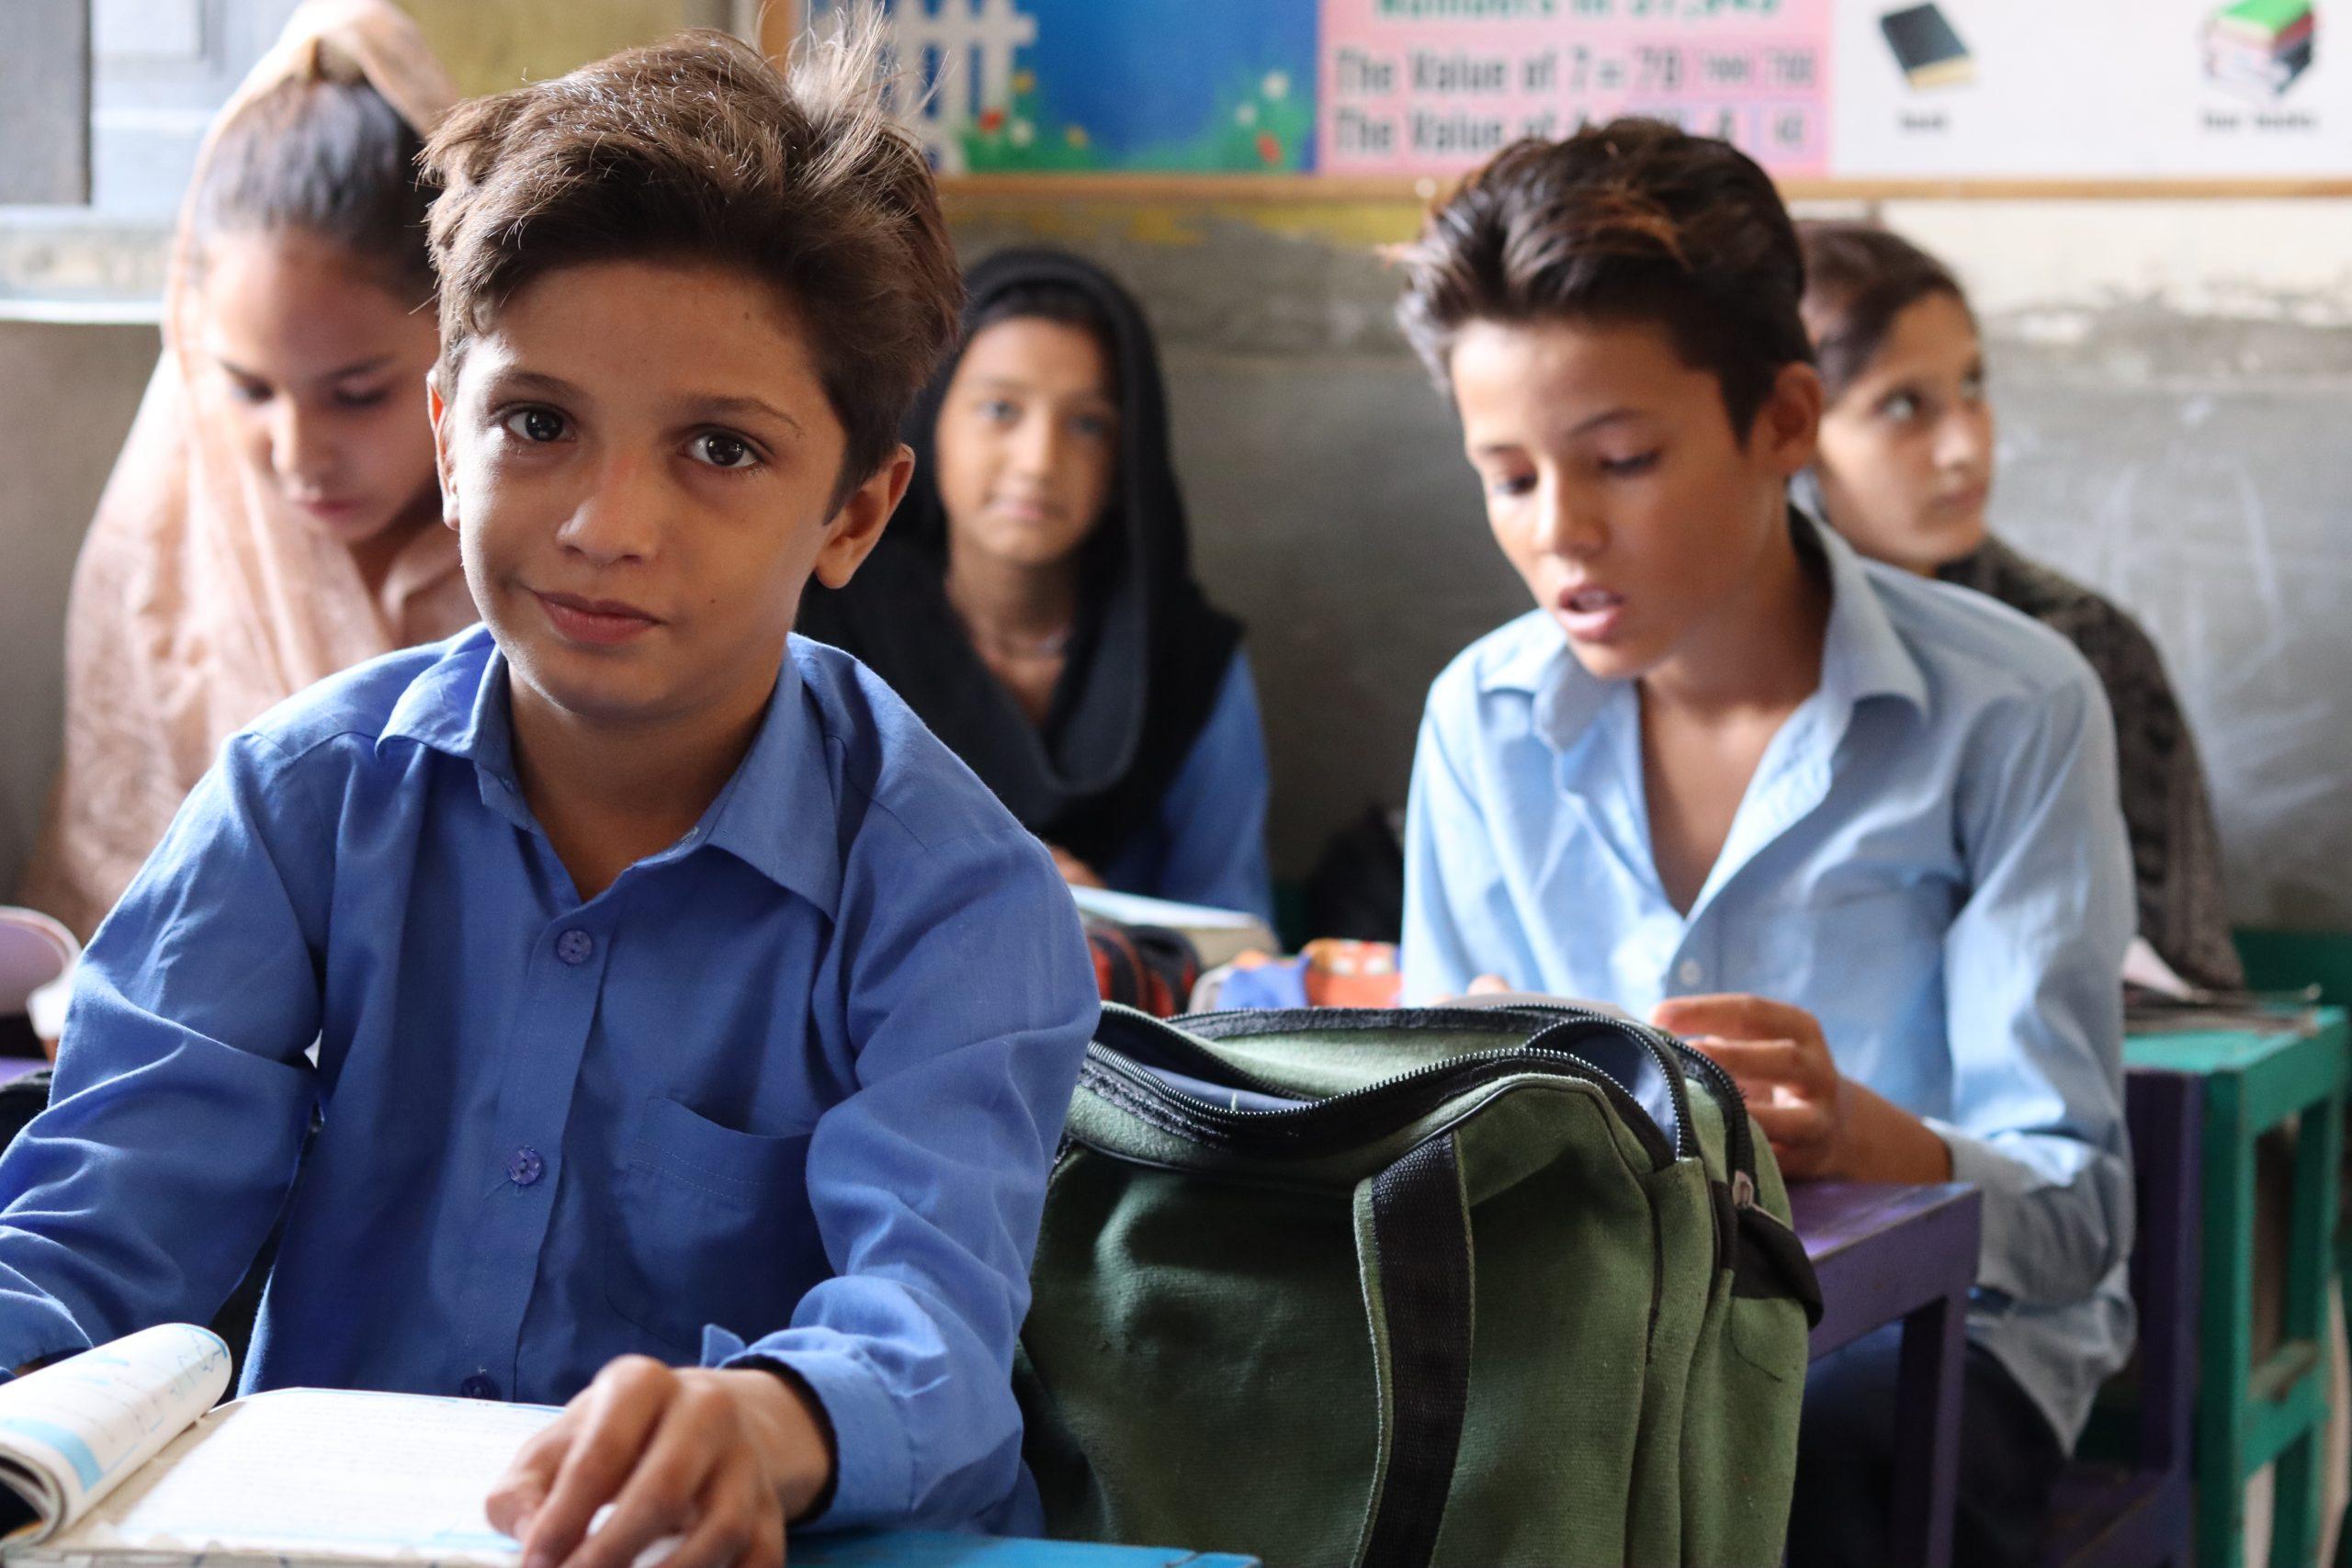 گورنمنٹ  ایم سی پرائمری  سکول رحیم آباد (ملتان) میں جماعت اول کا منظر